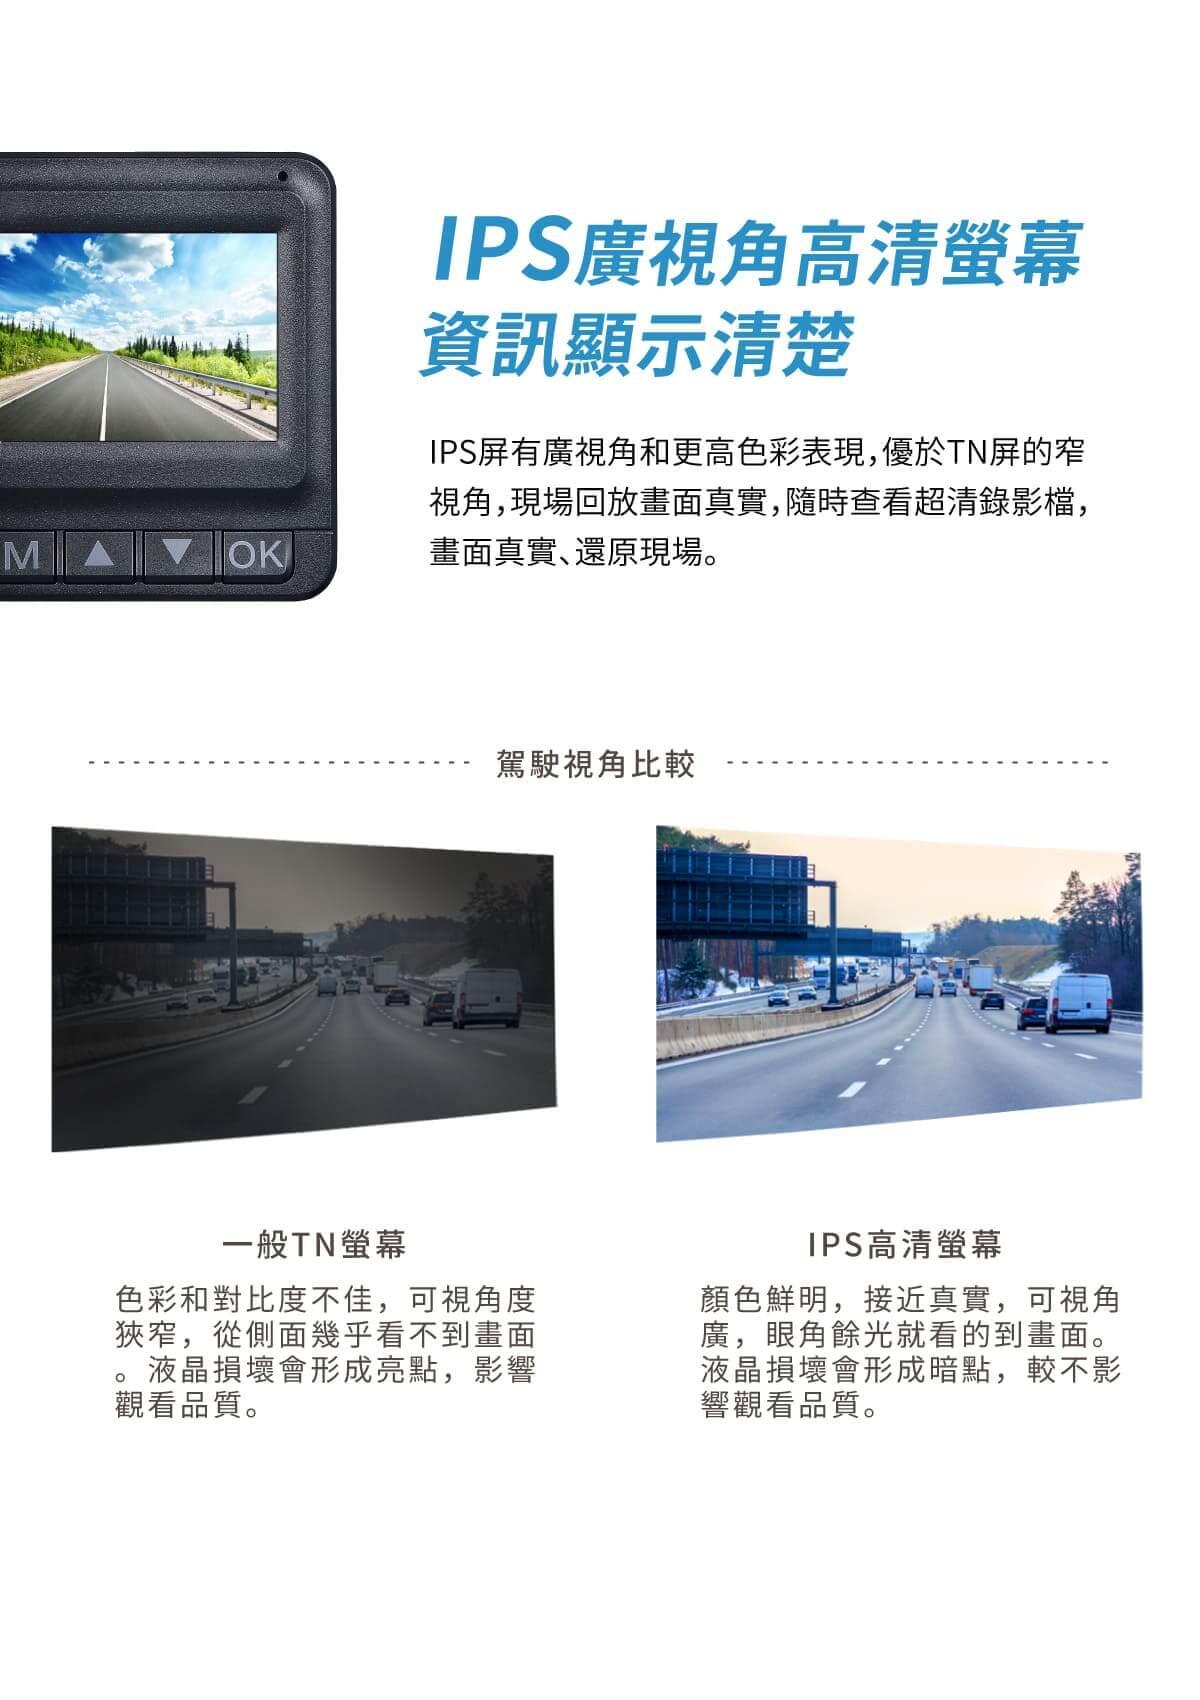 proimages/product/Dash_Cam/HR7PRO/14.jpg